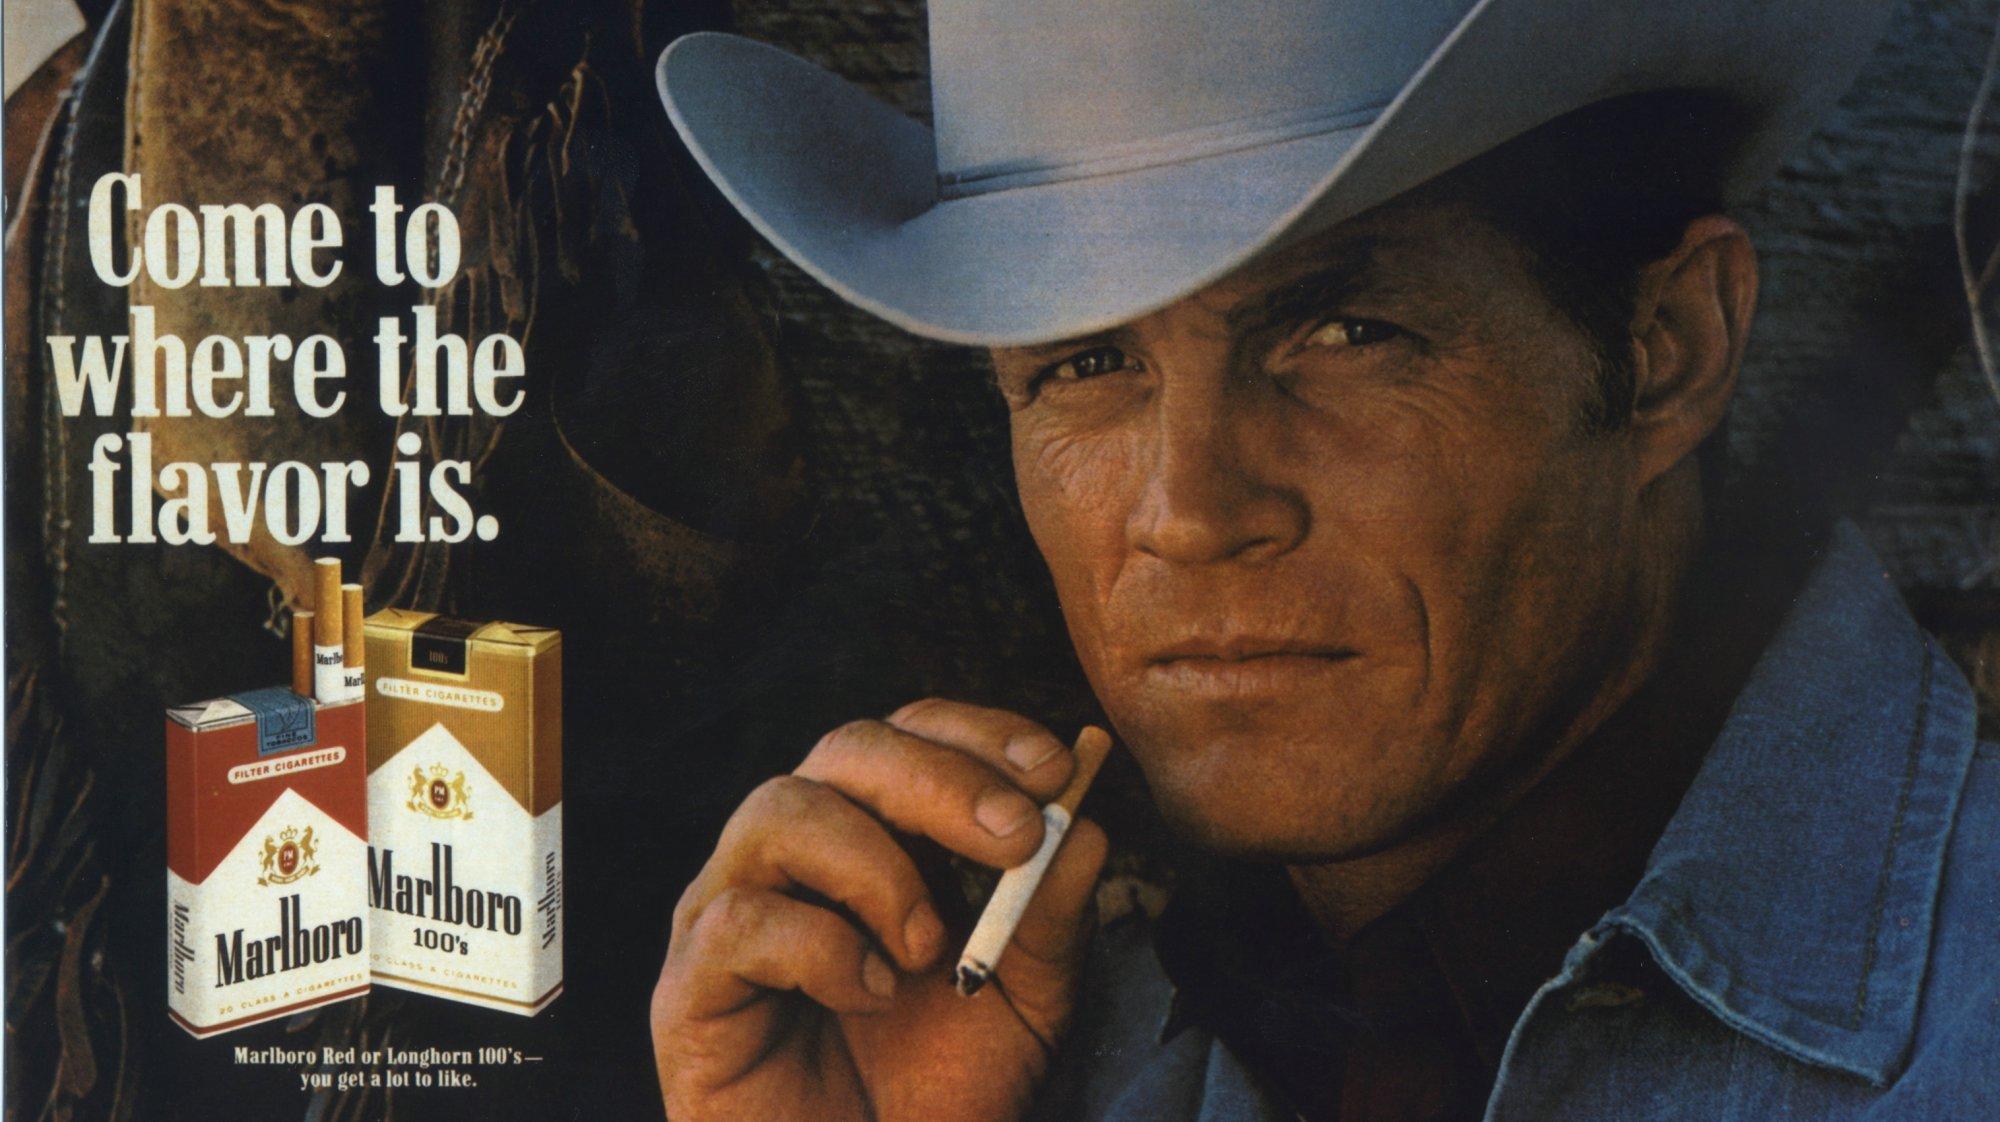 Eric Lawson, l'homme des publicités de Marlboro de la fin des années 1970, est décédé à 72 ans d'une maladie pulmonaire obstructive chronique. En Suisse, le tabac tue 9500 personnes par année.